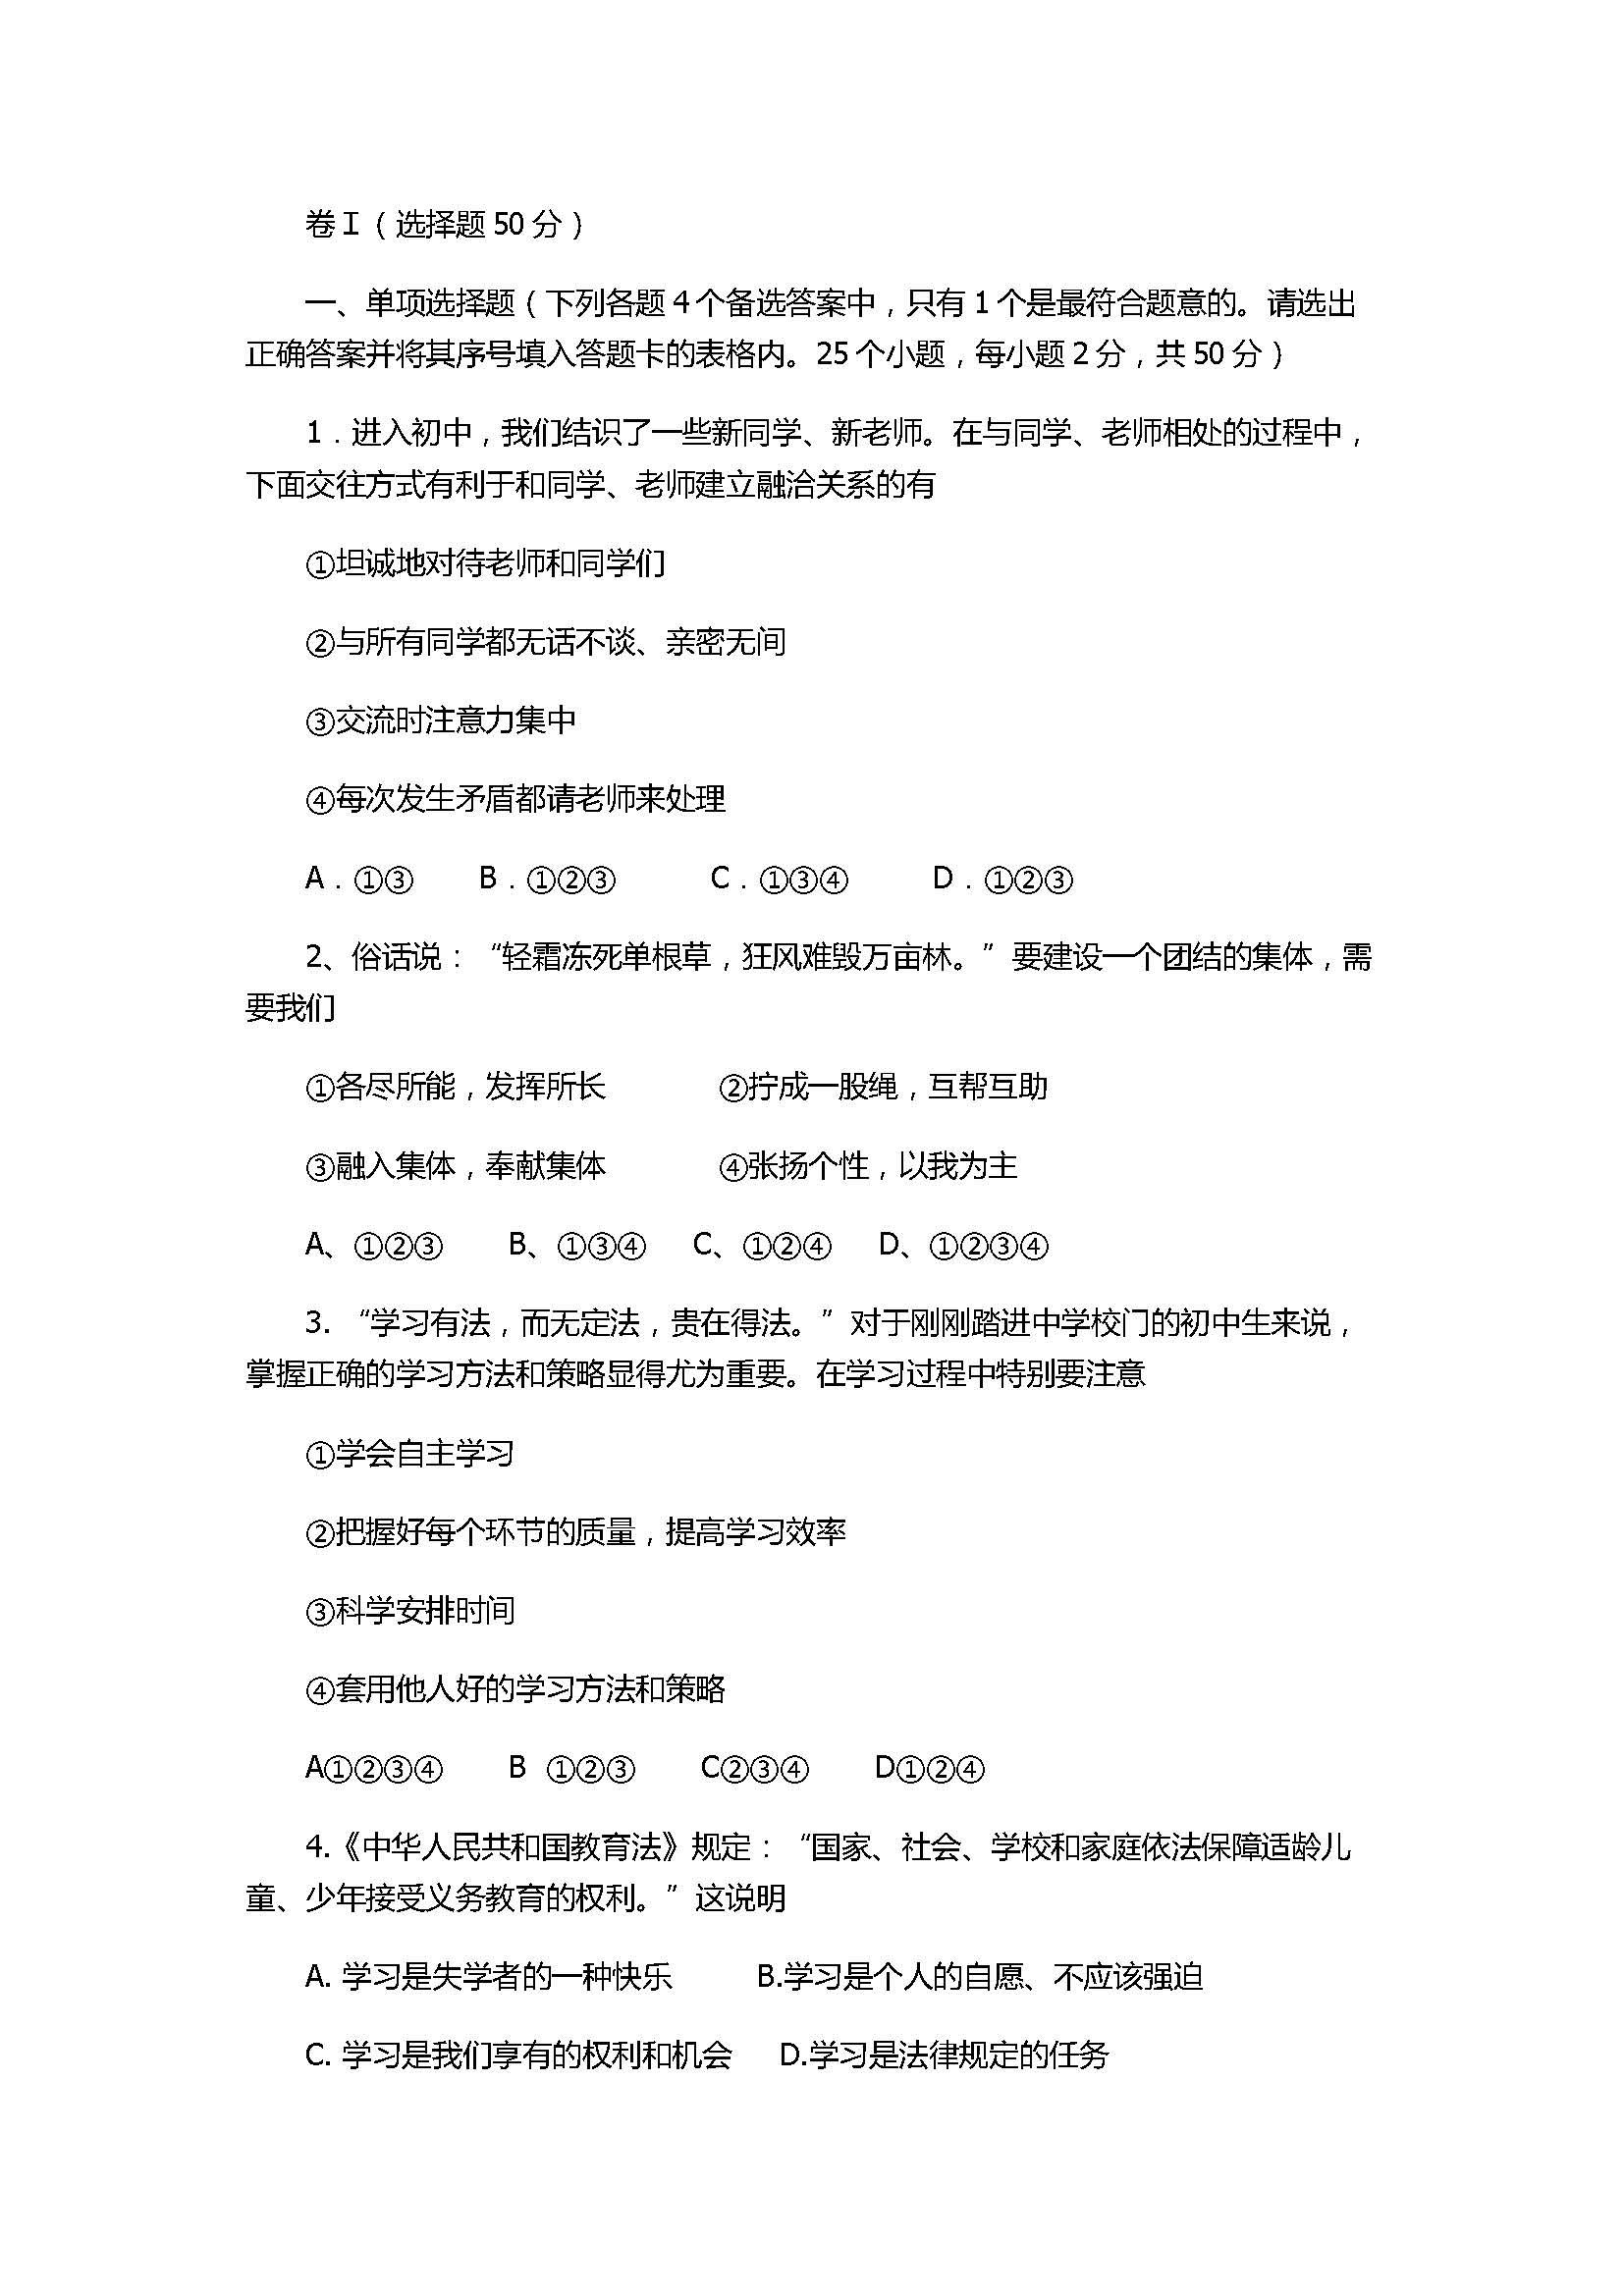 2017初一年级政治期末试题含参考答案(宁城县)